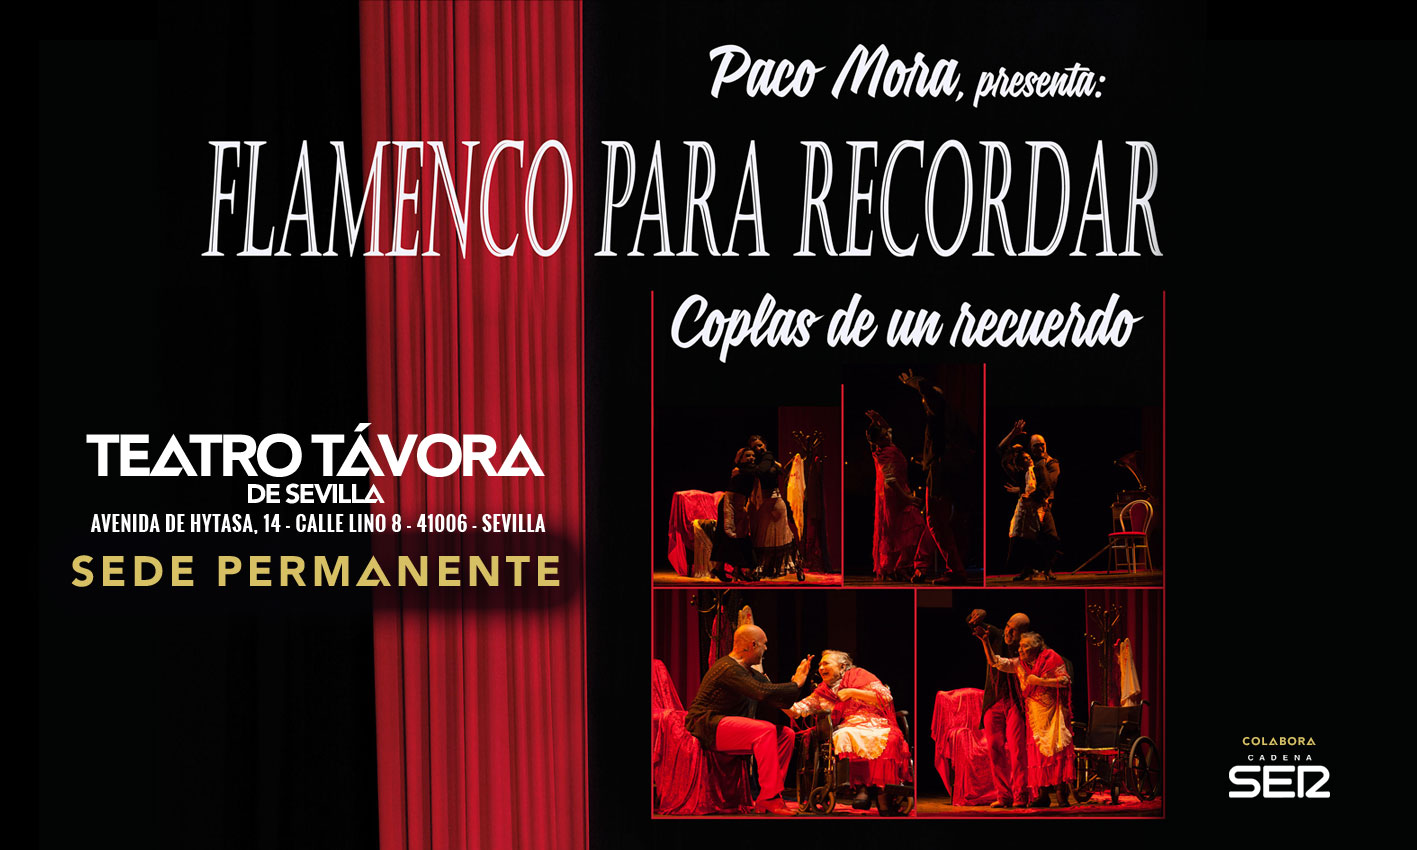 Flamenco para recordar - Sevilla